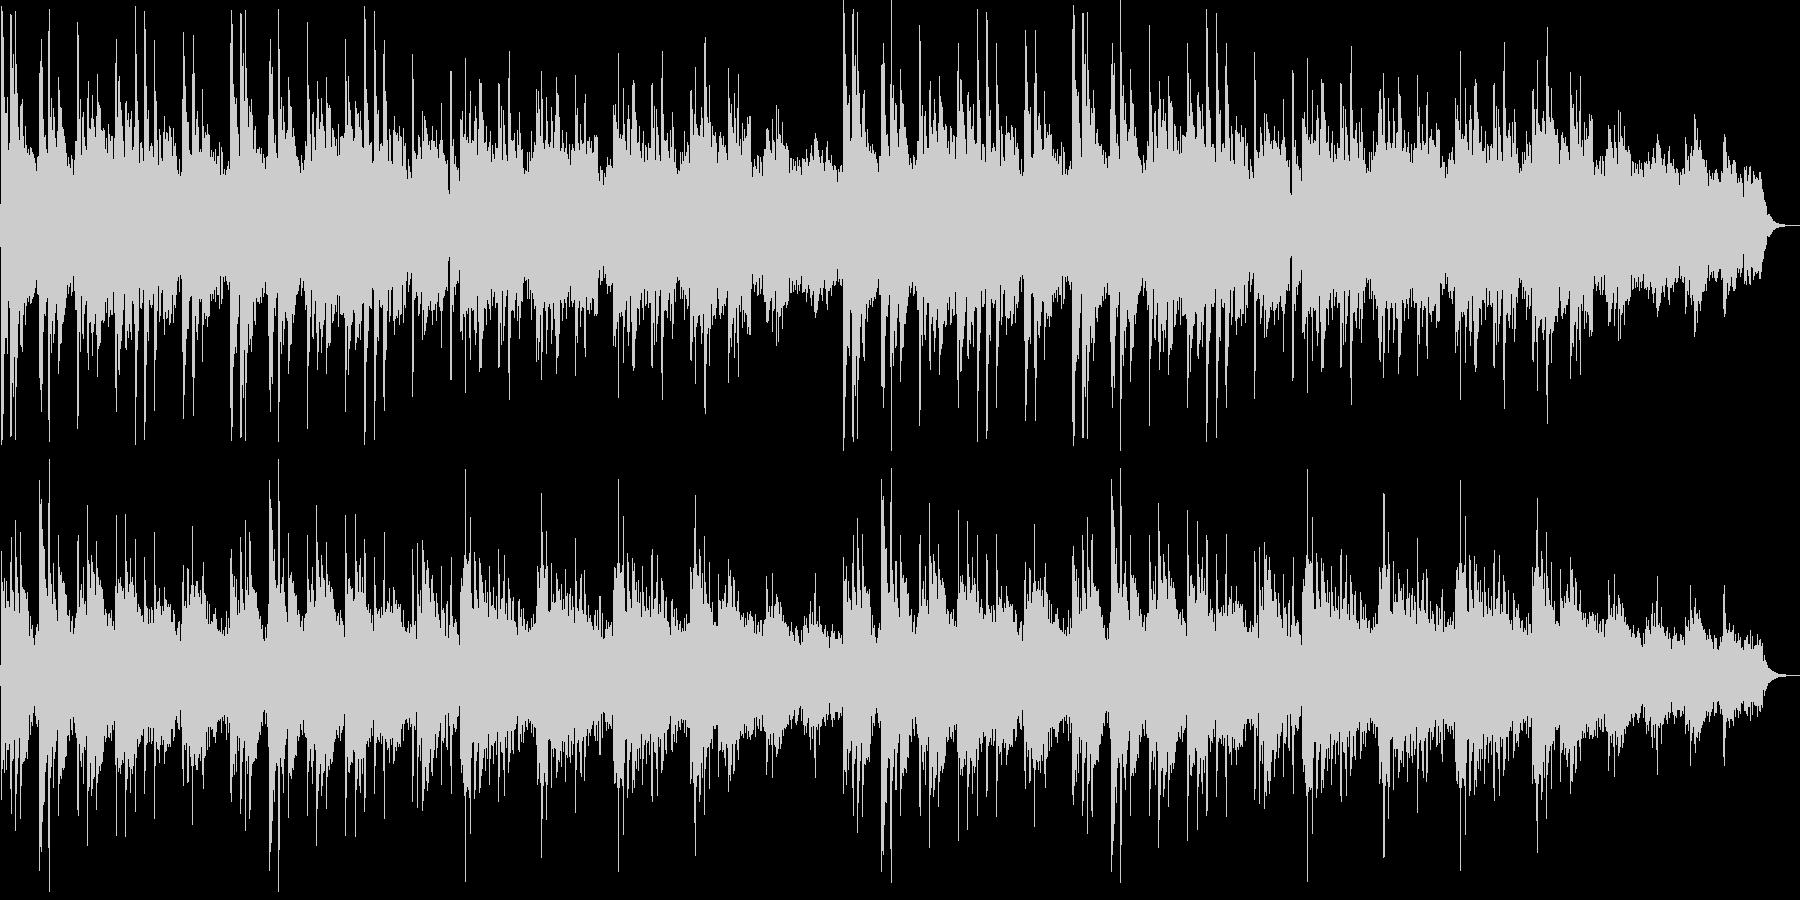 しっとりしたピアノシンセサイザーサウンドの未再生の波形